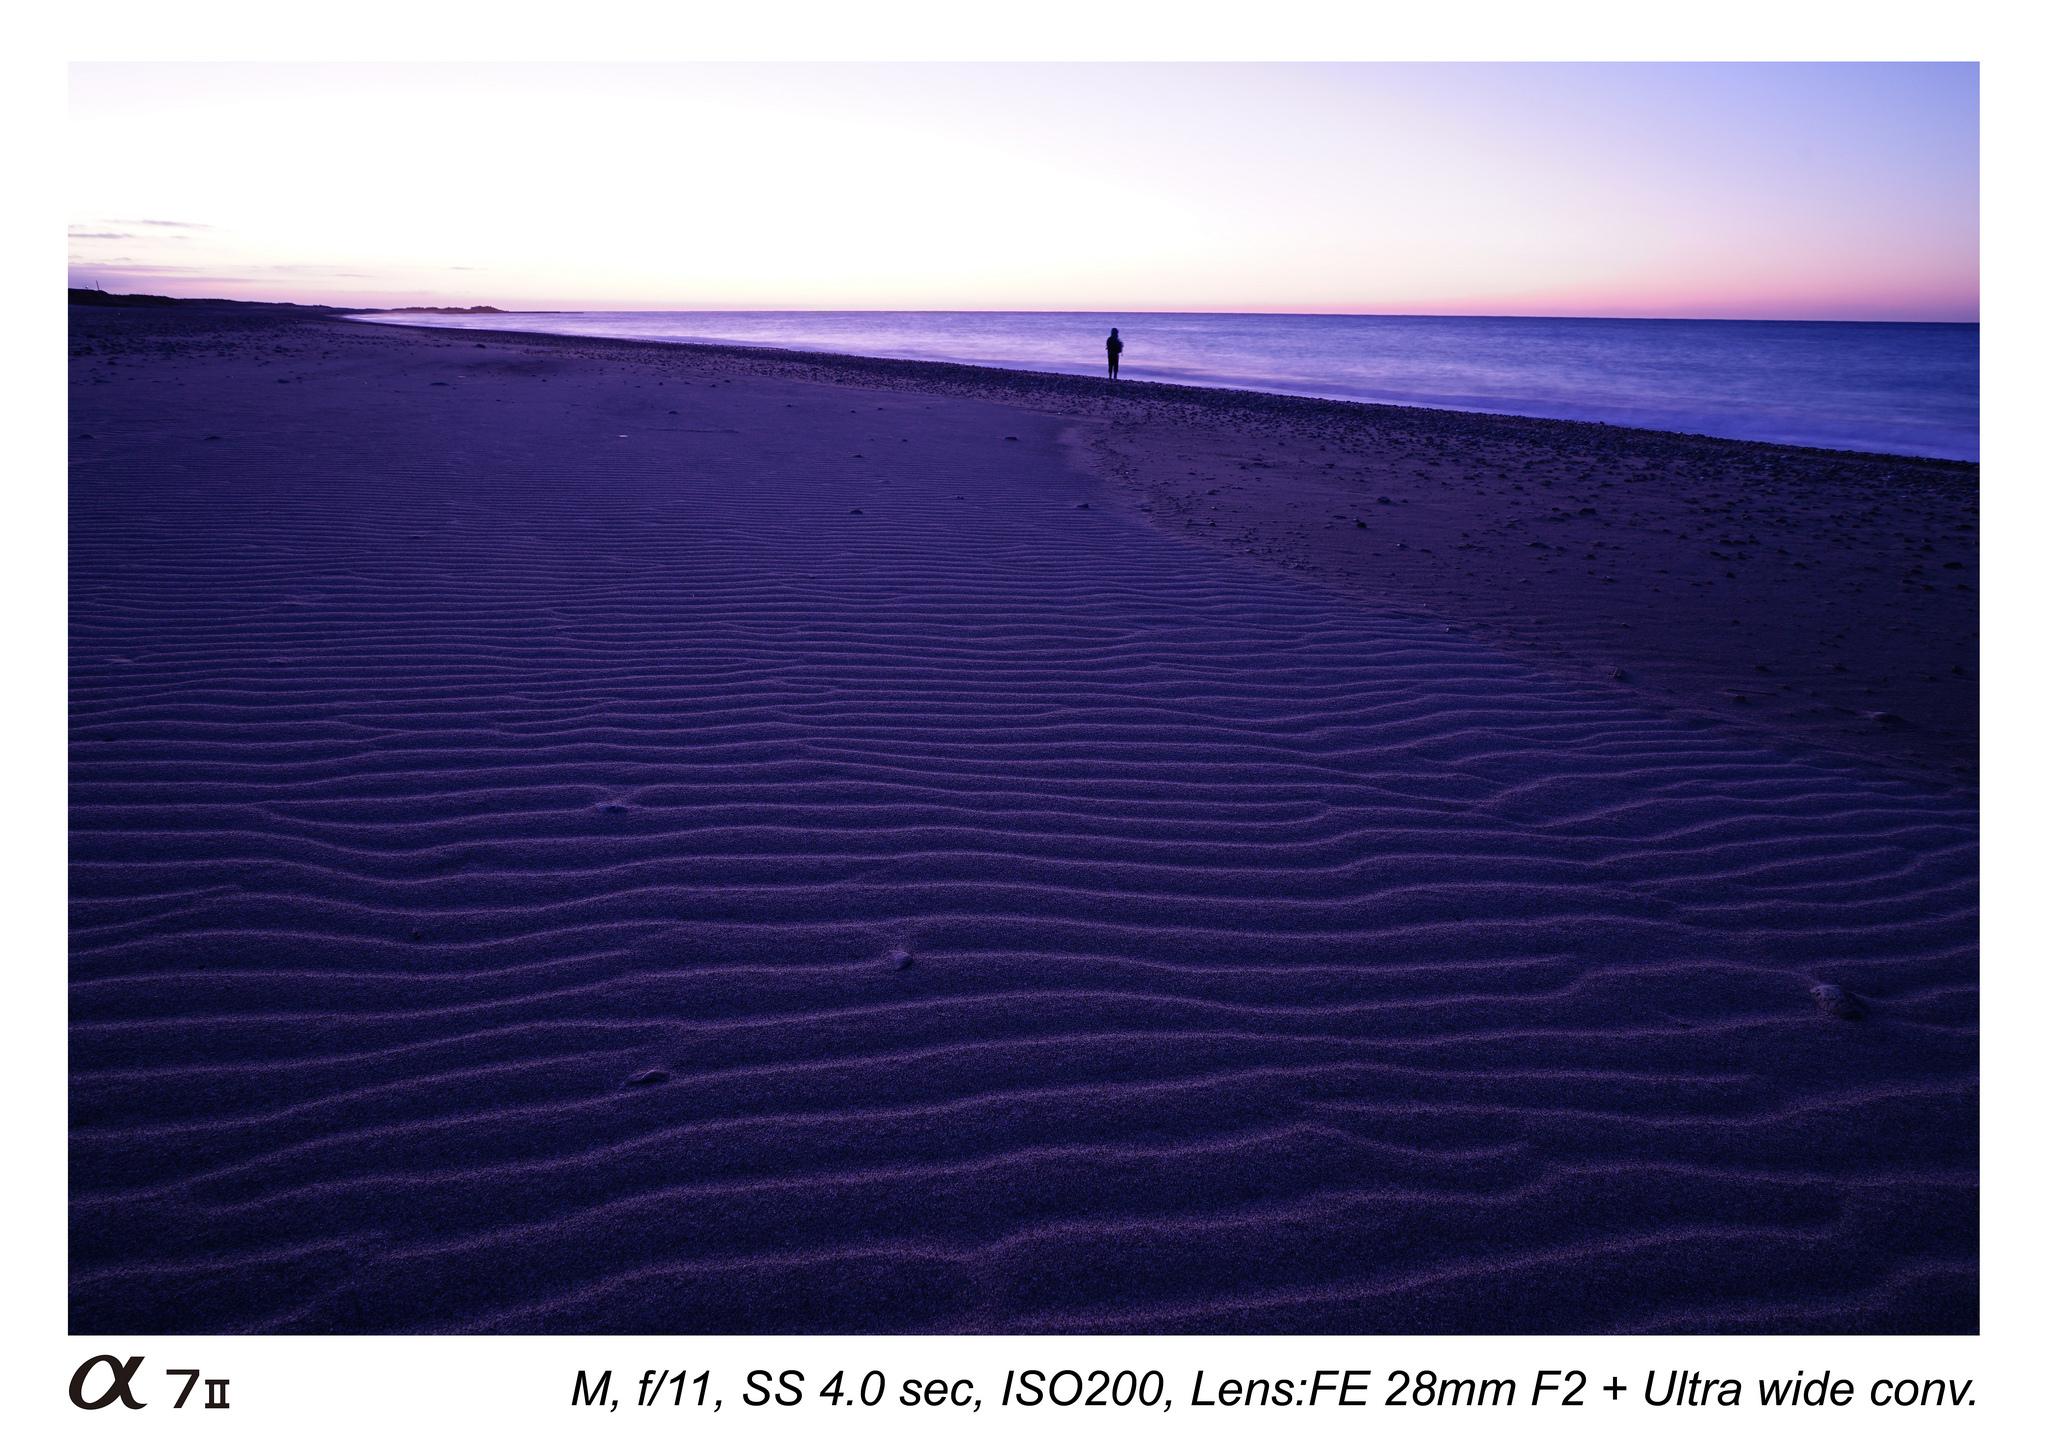 sony-fe-28mm-f2-lens-sample-images-04